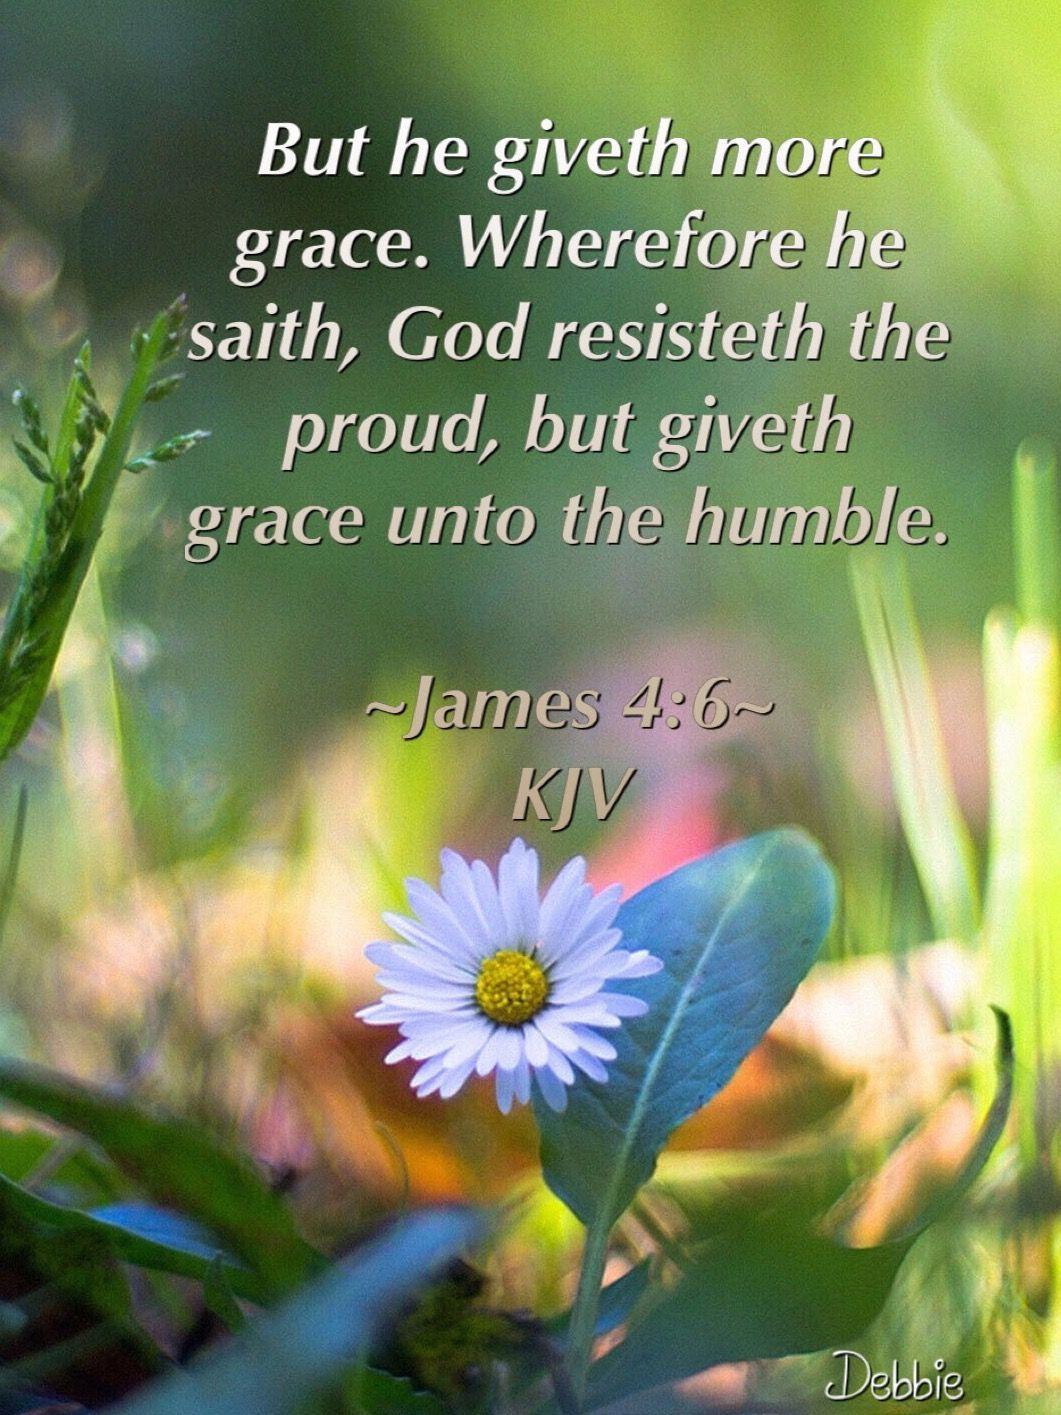 Bible Verses About Healing Sickness Kjv